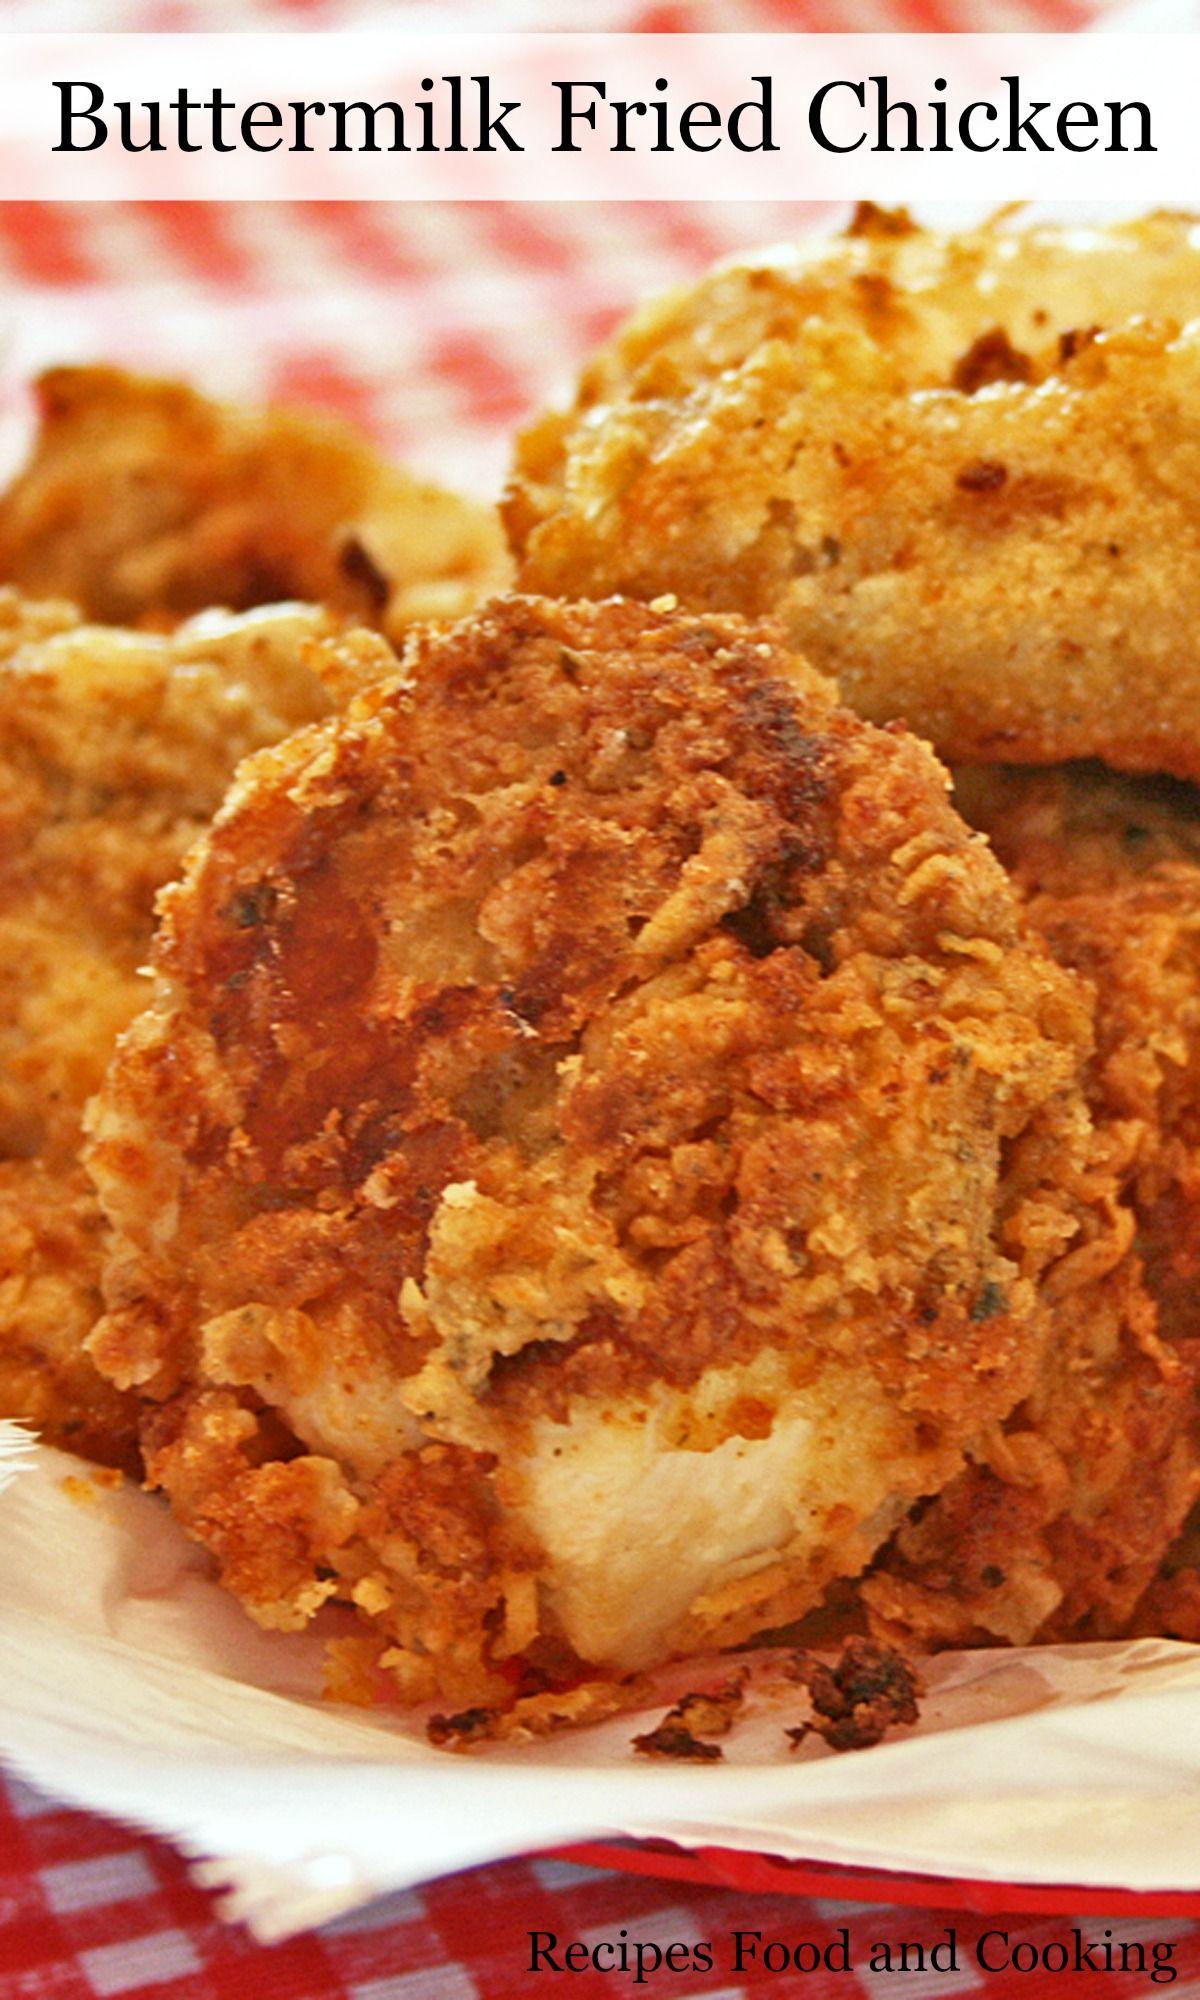 Buttermilk Fried Chicken Chicken Marinated In A Spicy Buttermilk Marinade Flavored With Spices A Buttermilk Fried Chicken Fried Chicken Recipes Fried Chicken